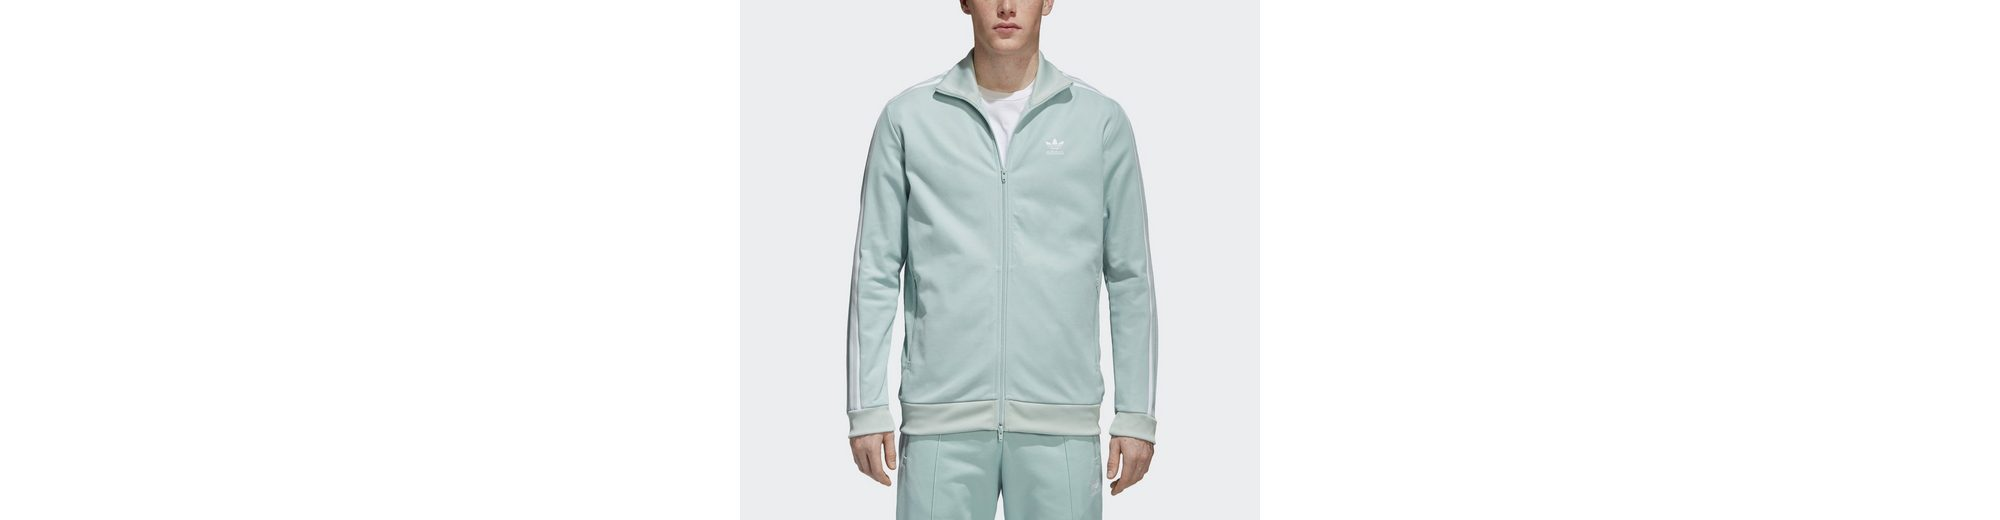 adidas Originals Sweatjacke BB Originals Jacke Sneakernews Rabatt Neueste Offizielle Seite yRGpZQfZzg